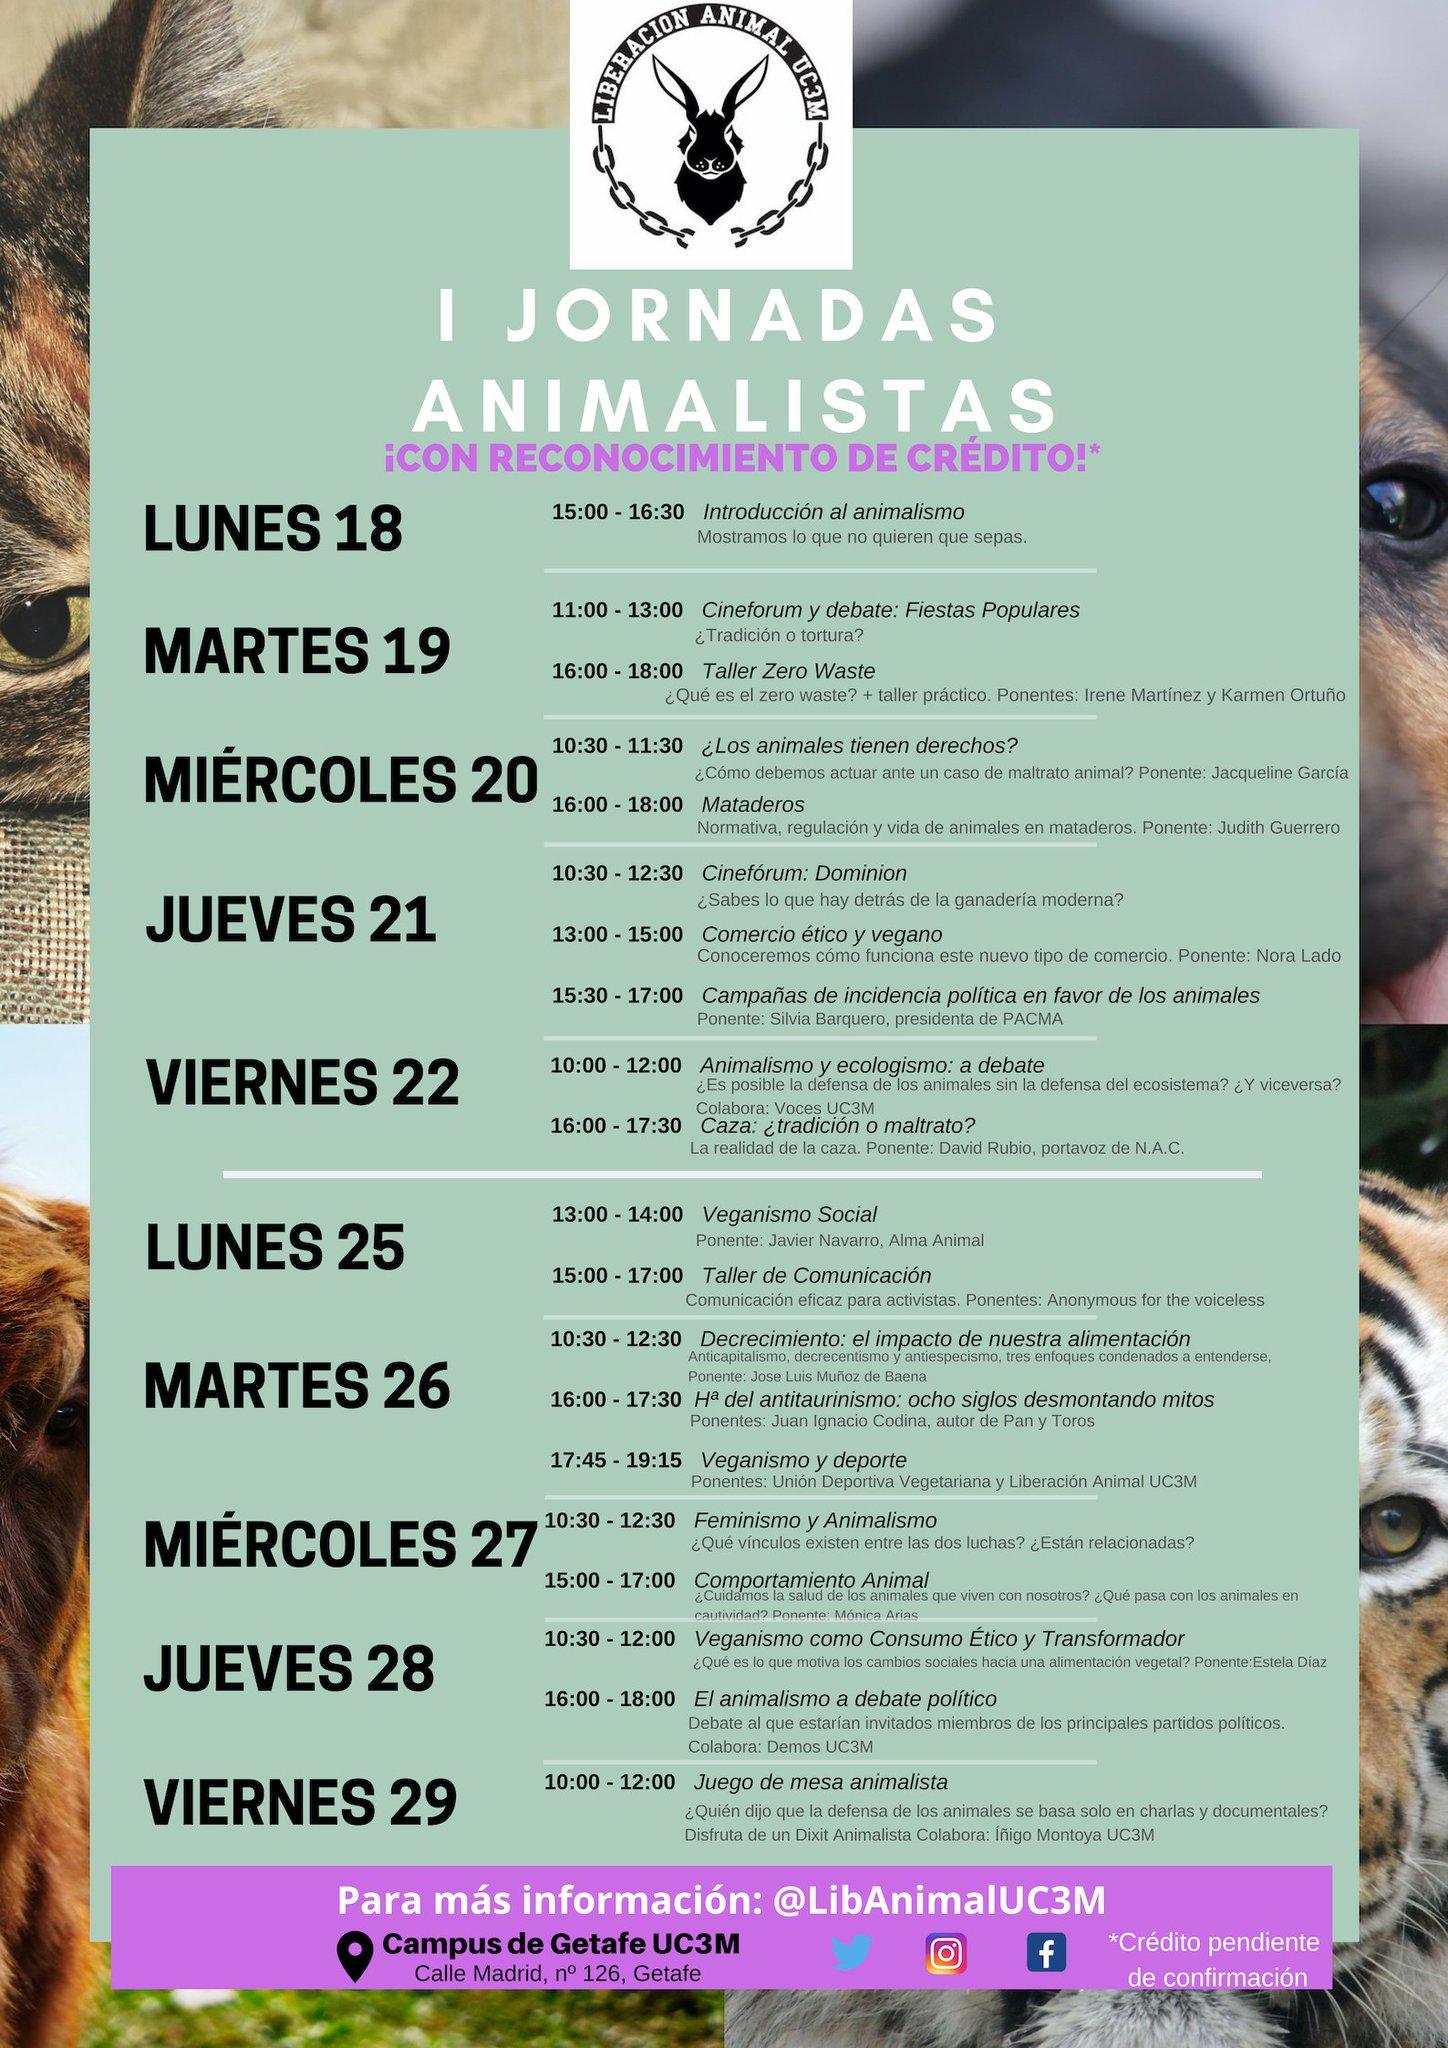 I Jornadas Animalistas en la UC3M